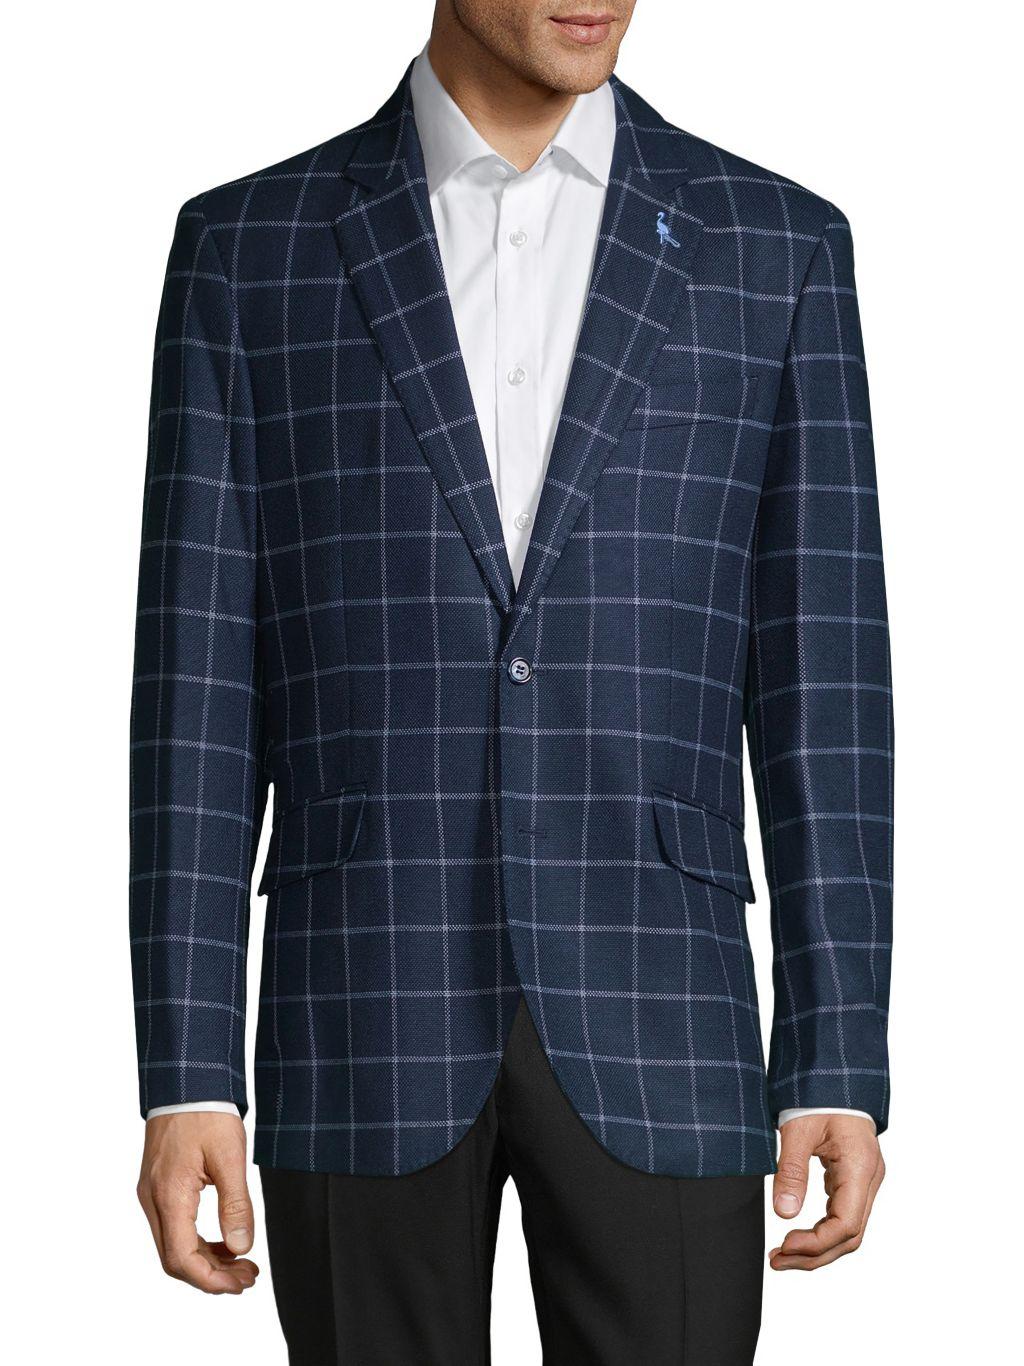 TailorByrd Standard-Fit Windowpane Sportcoat